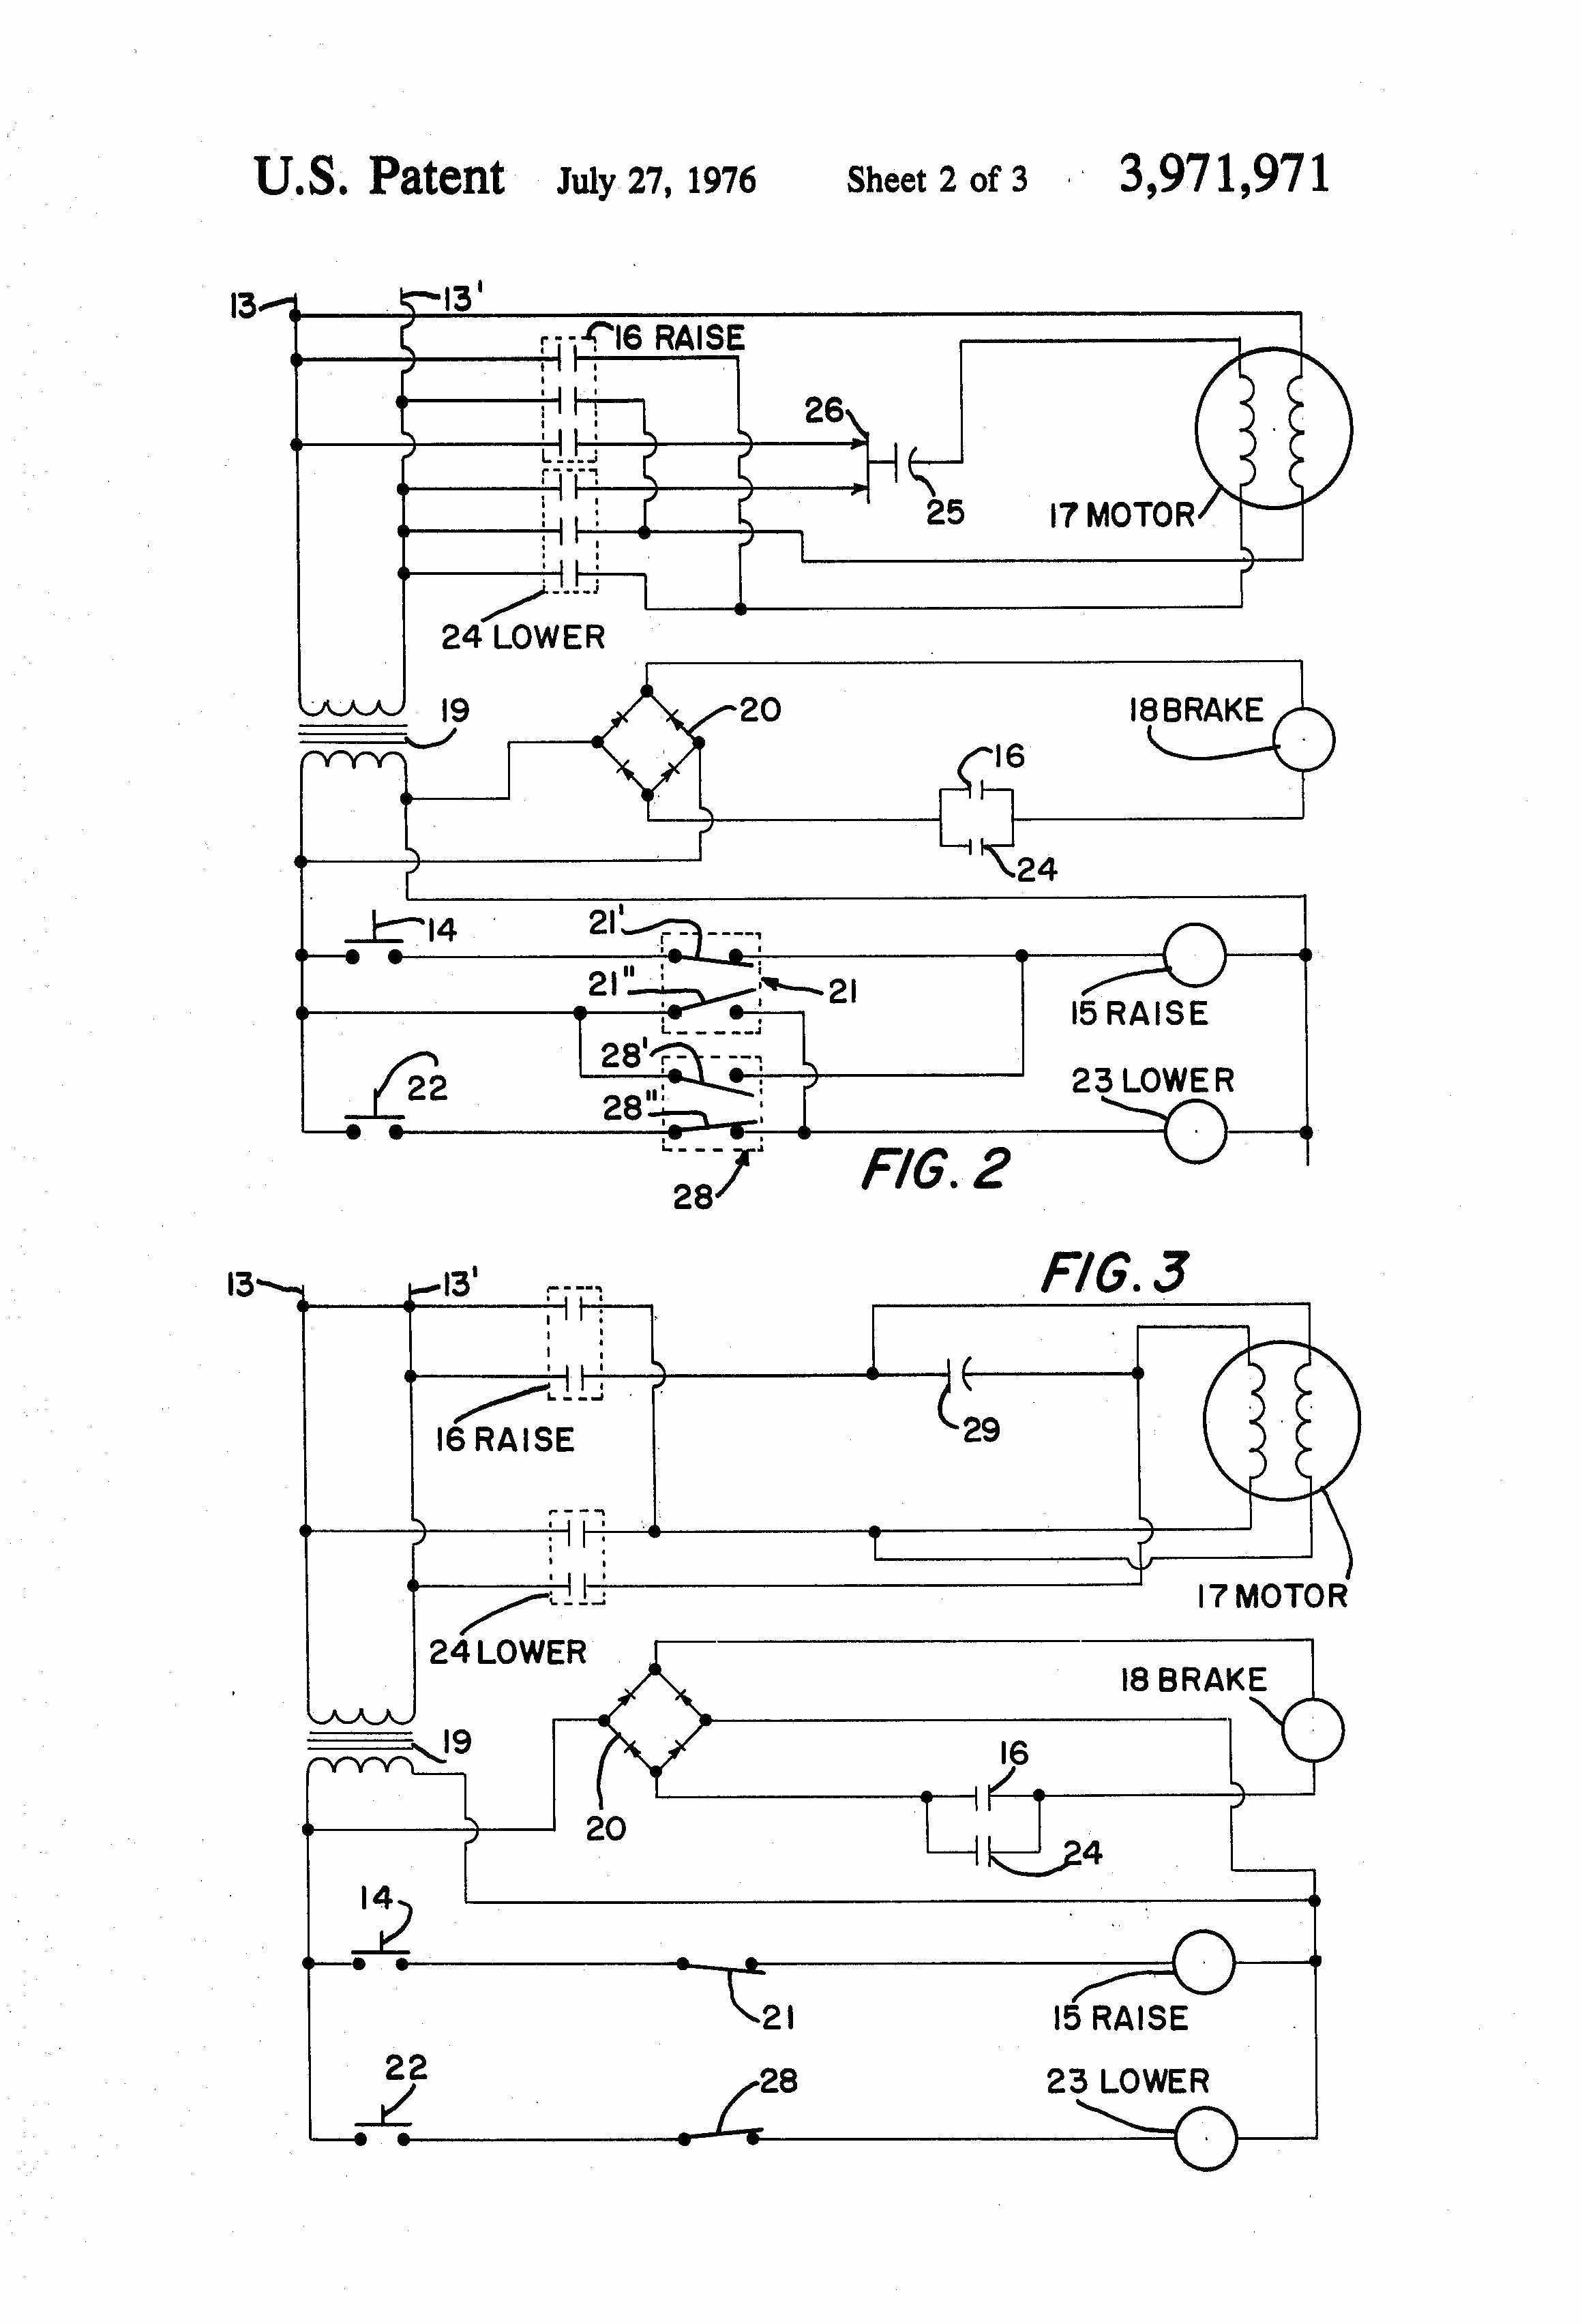 Demag Hoist Wiring Diagram Coffing Hoist Wiring Diagram Wiring Diagram Basic